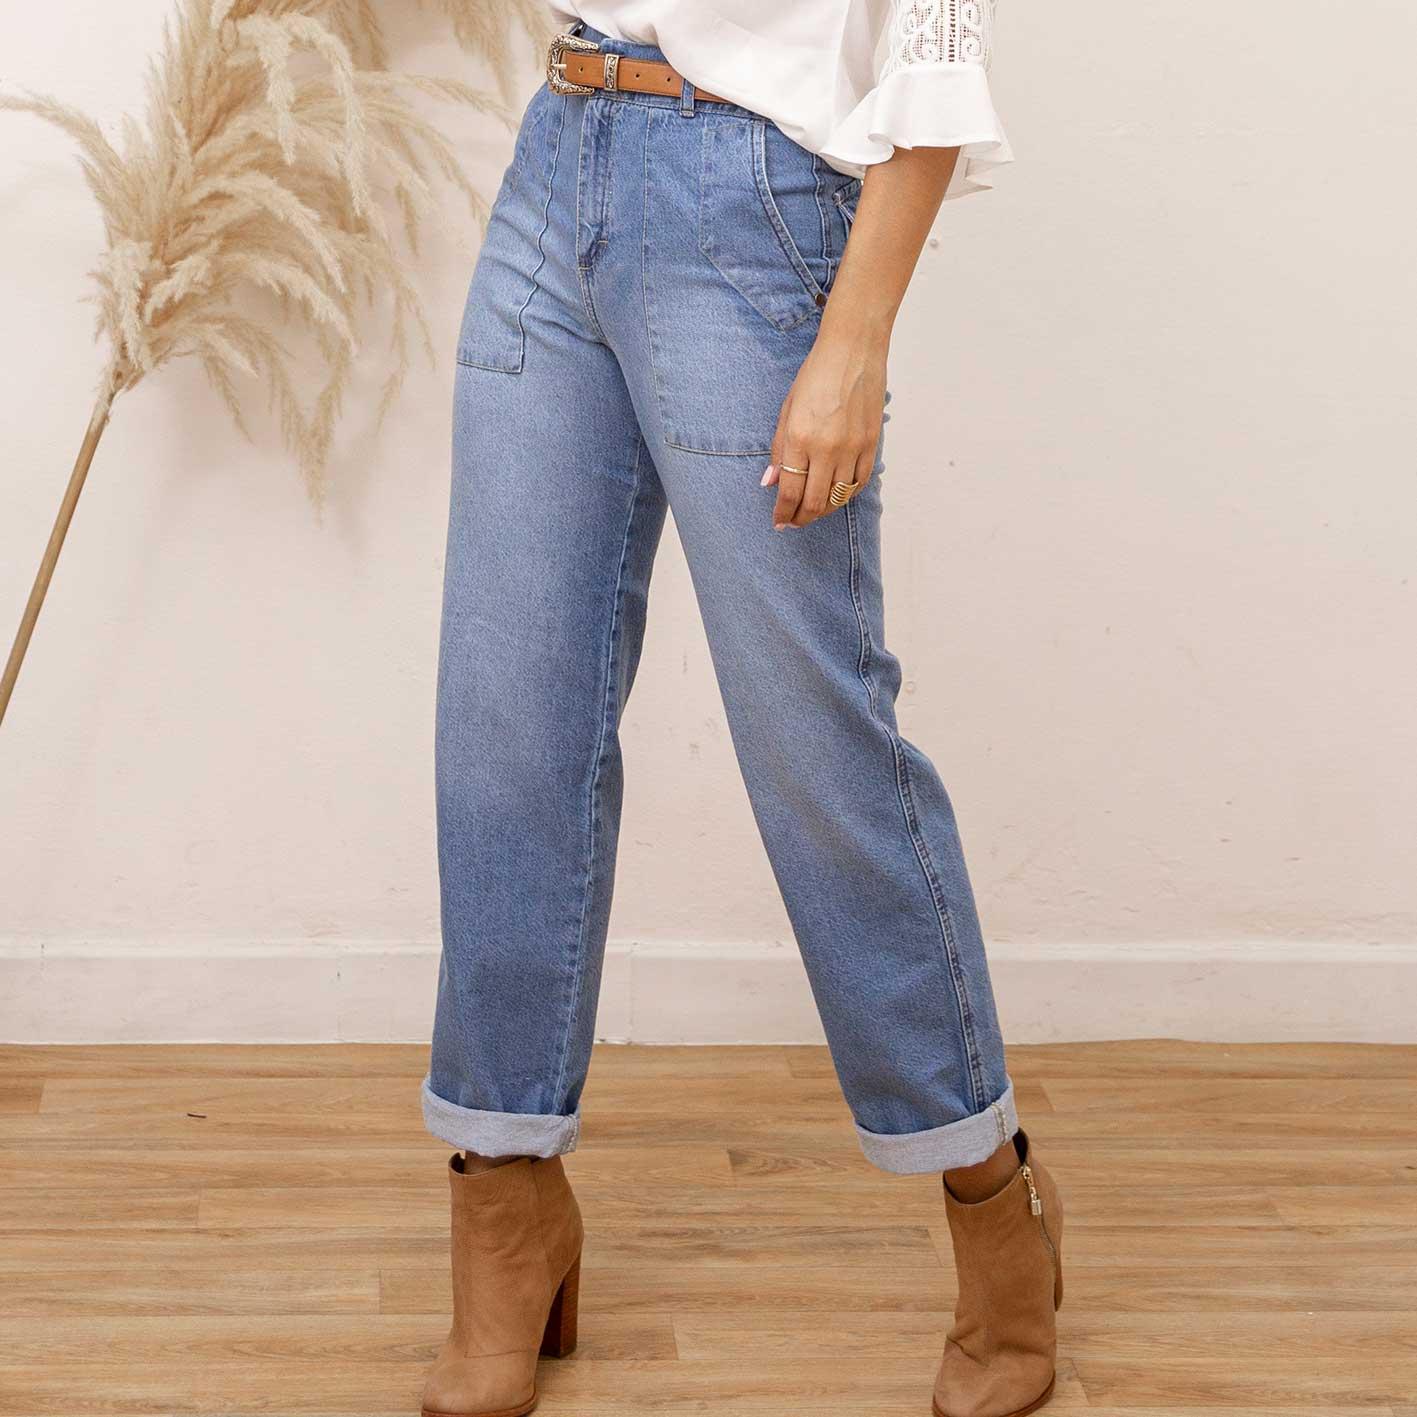 Pantalón Recto Jeans Cod. 1210090